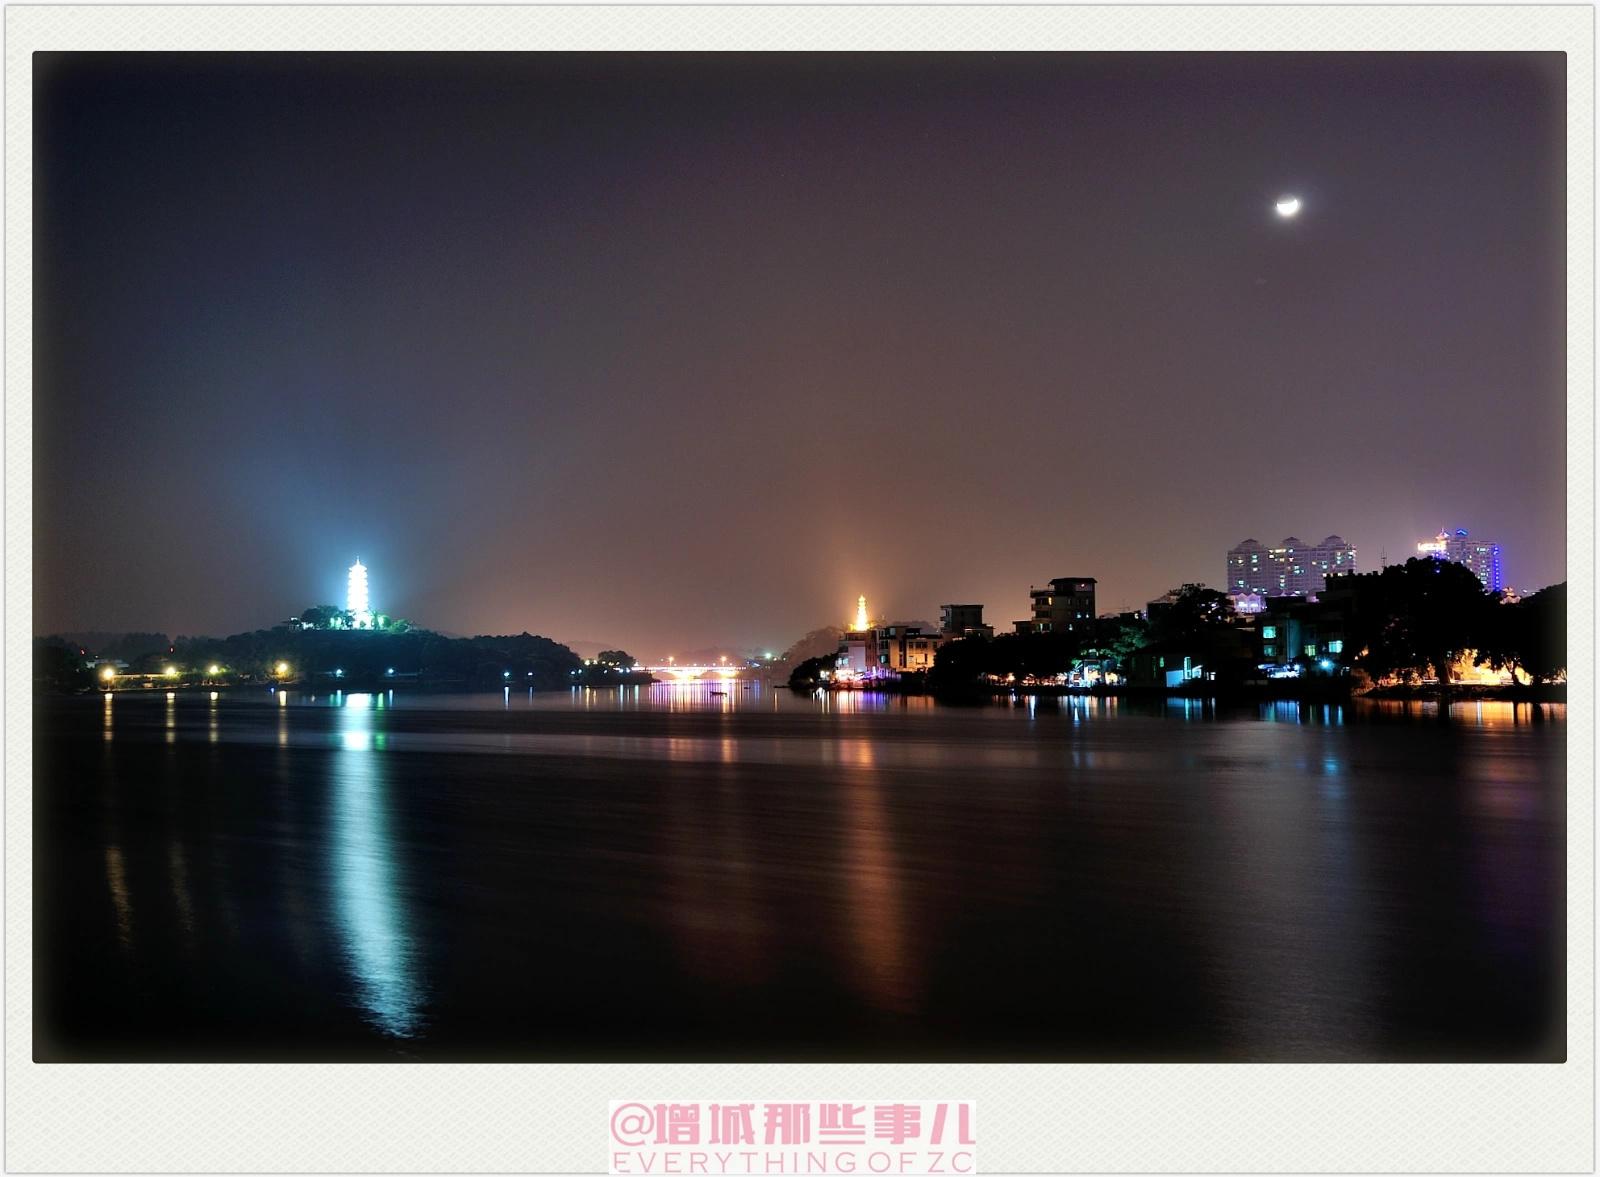 城的夜晚!夜太美